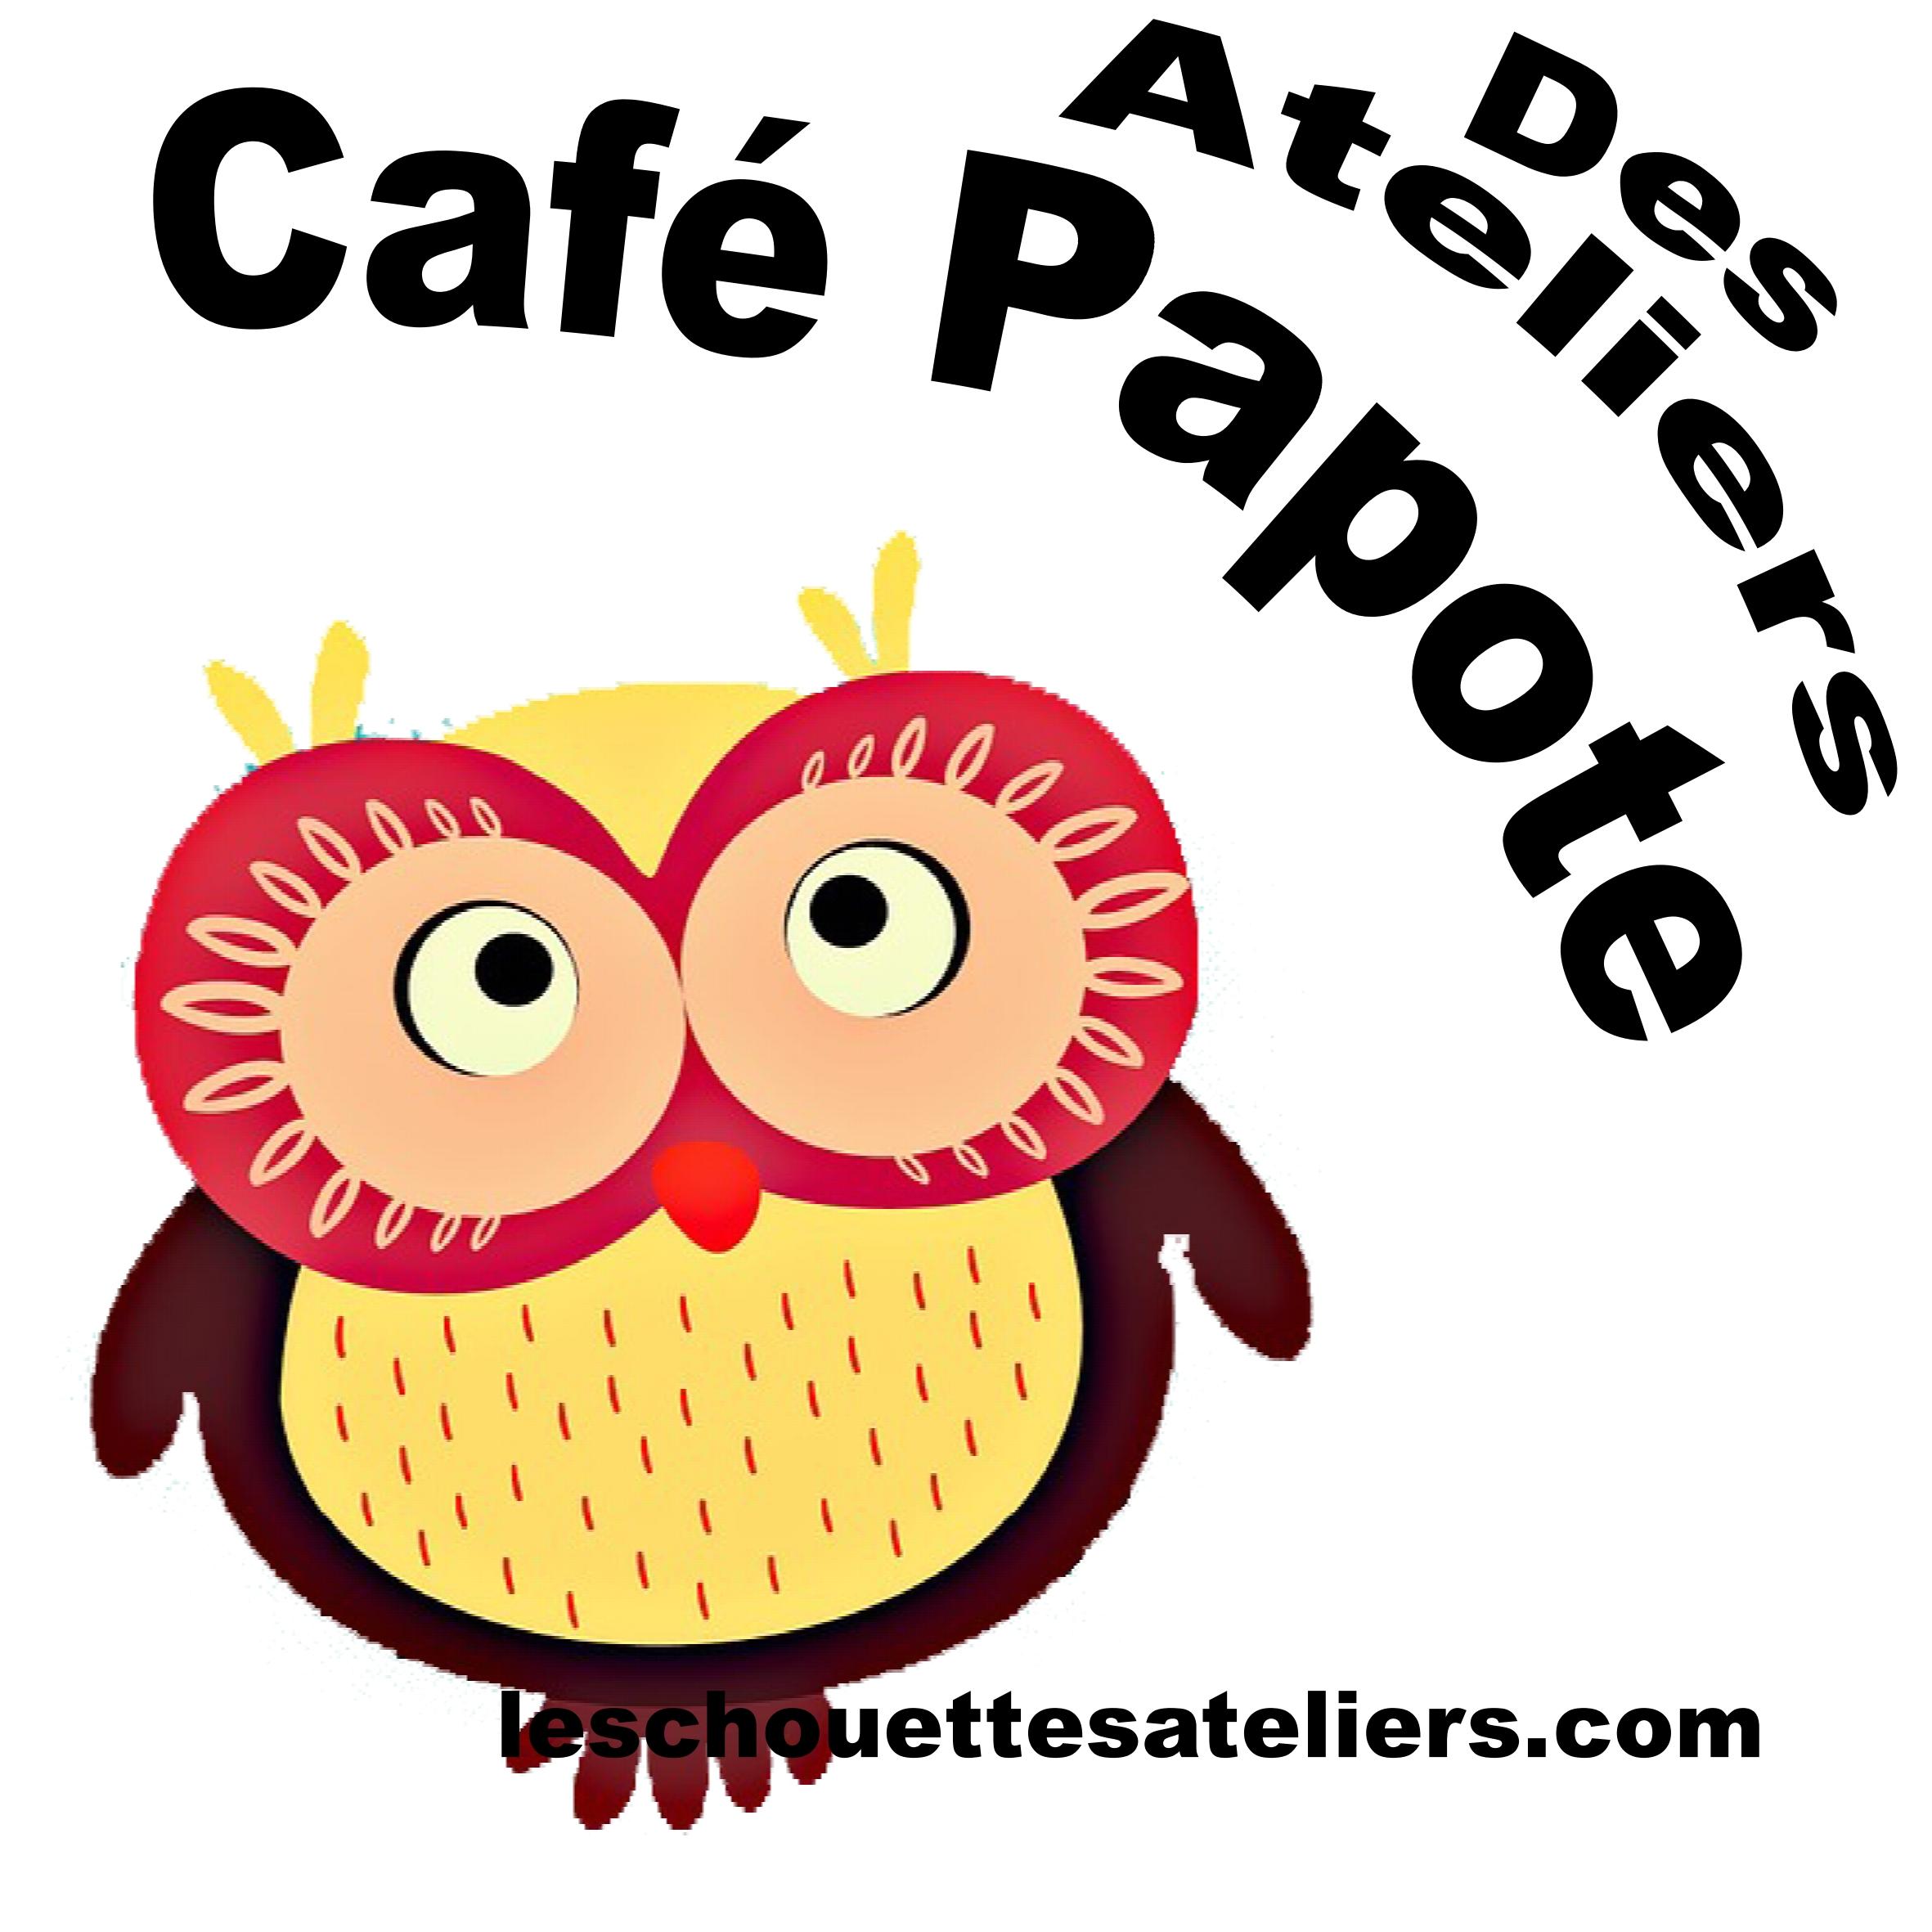 Café Parents